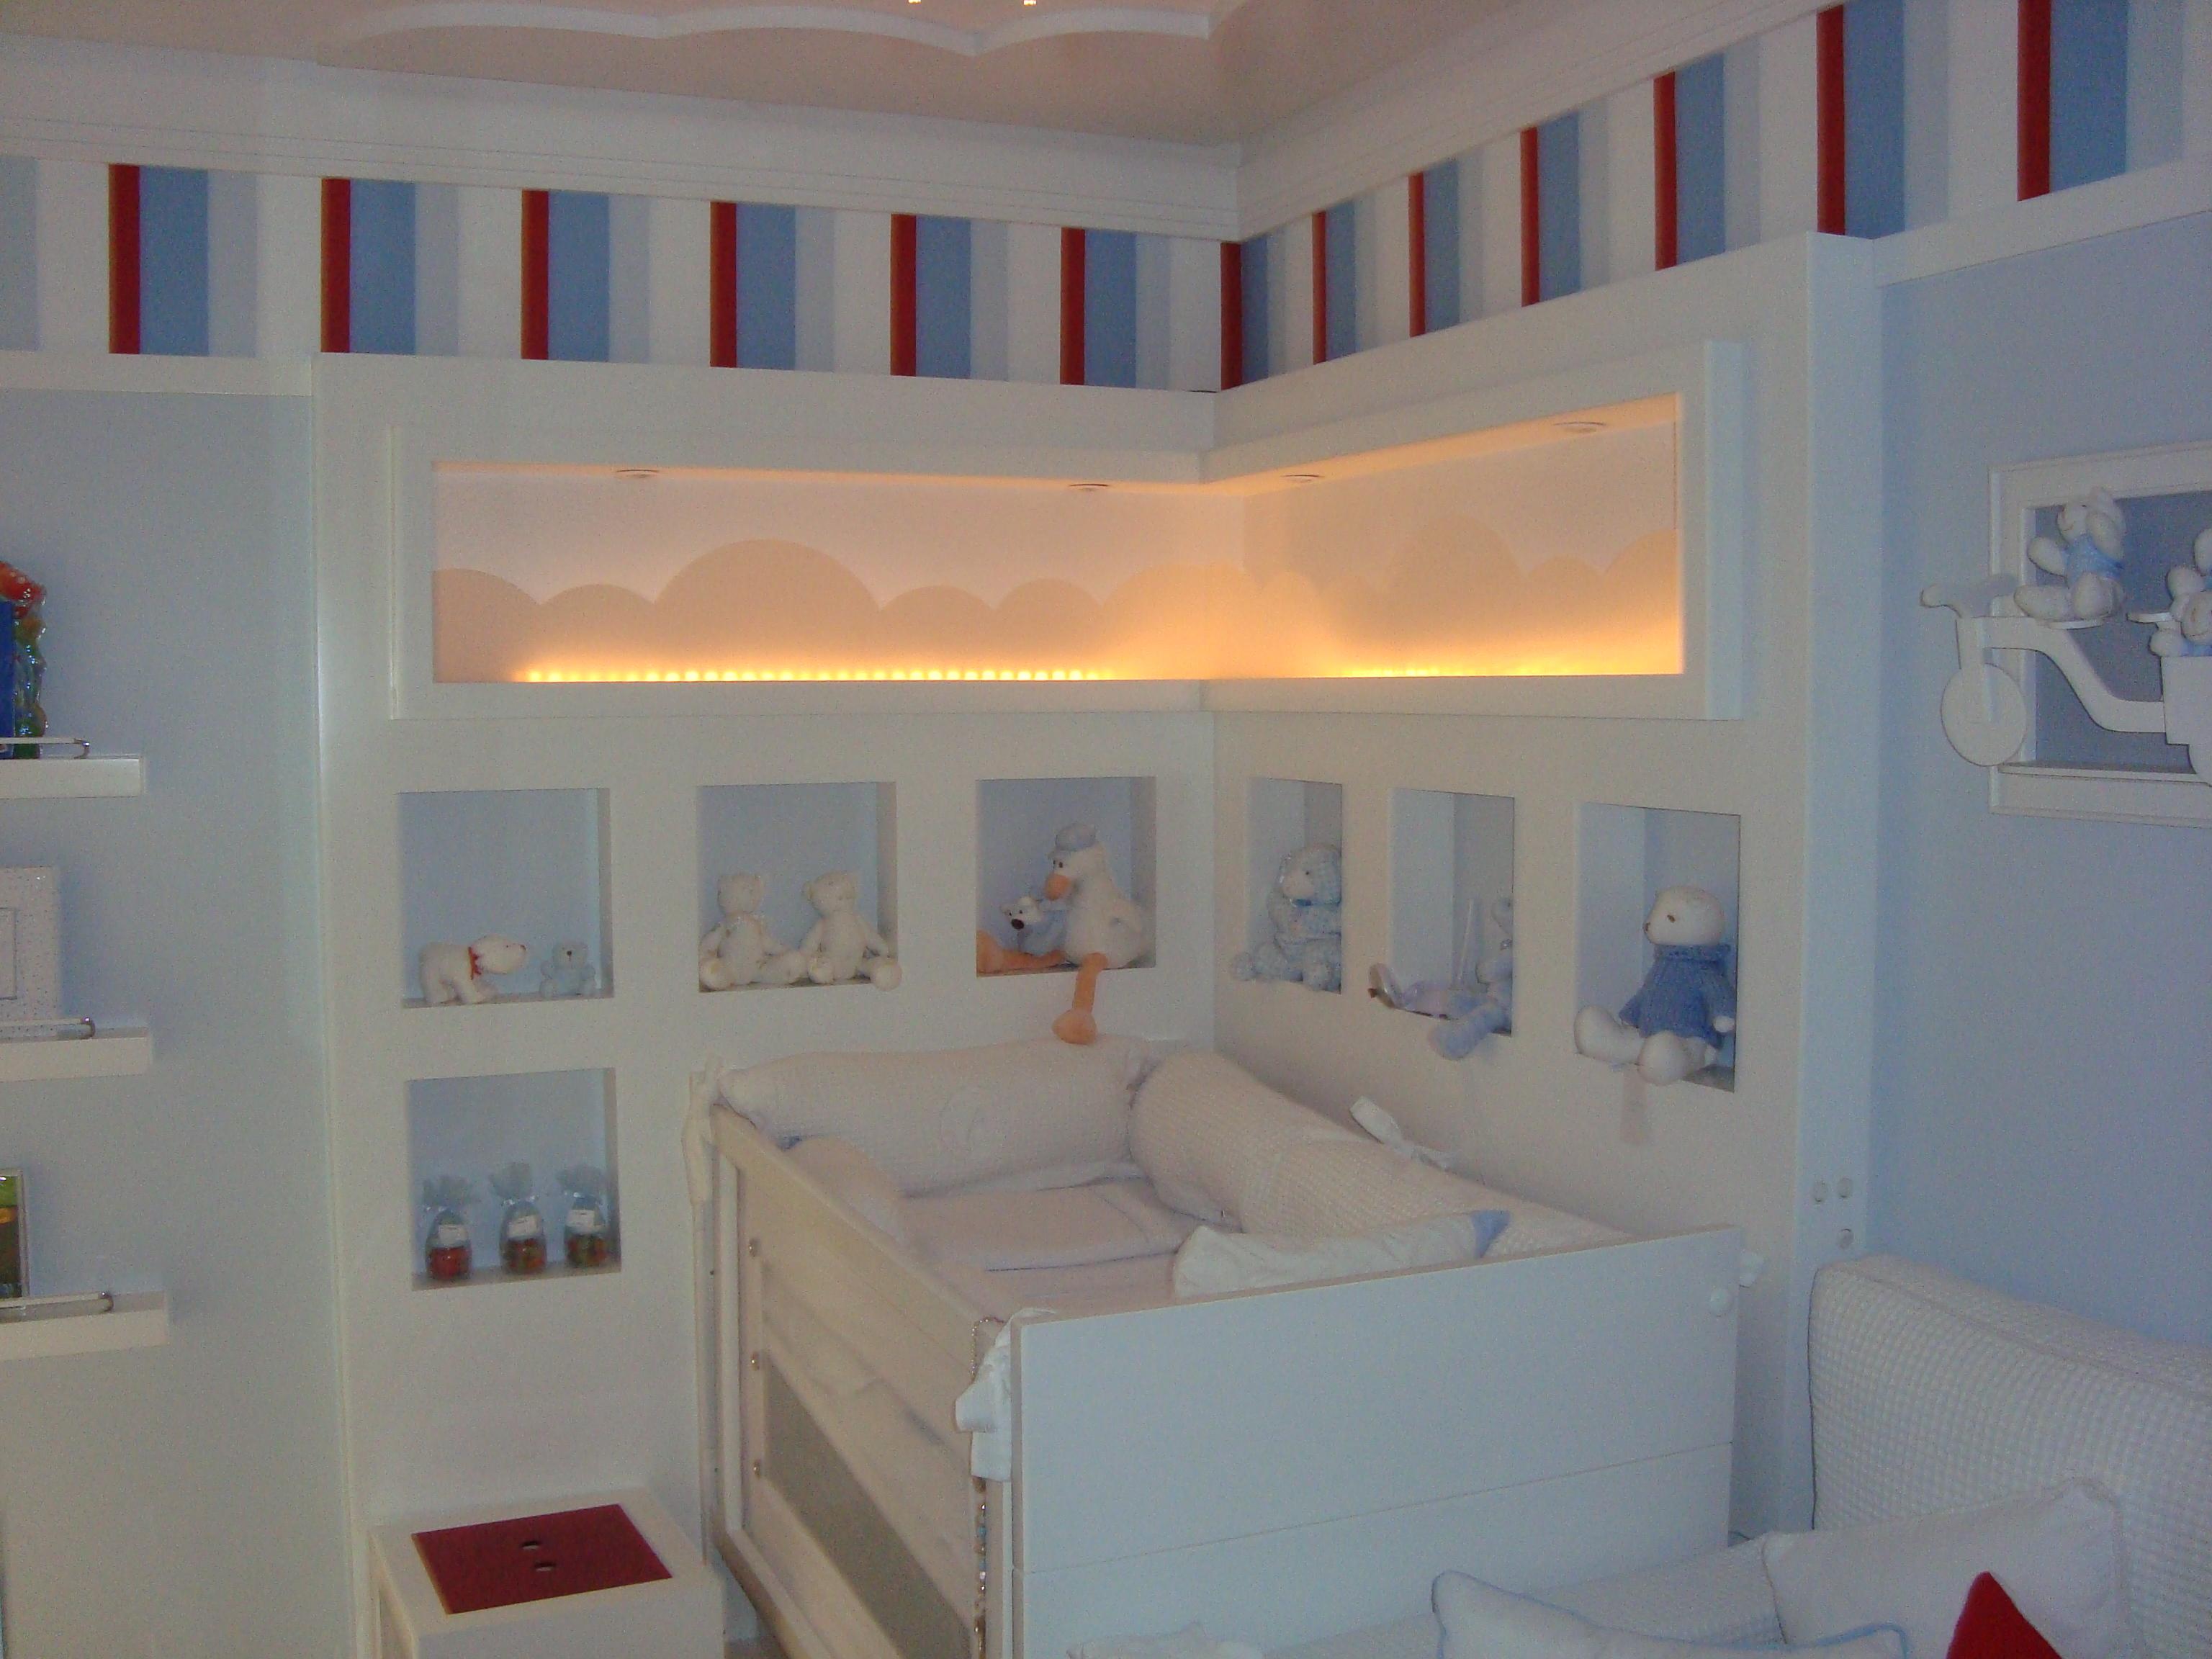 Dormit rio de beb - Dormitorio de bebe ...